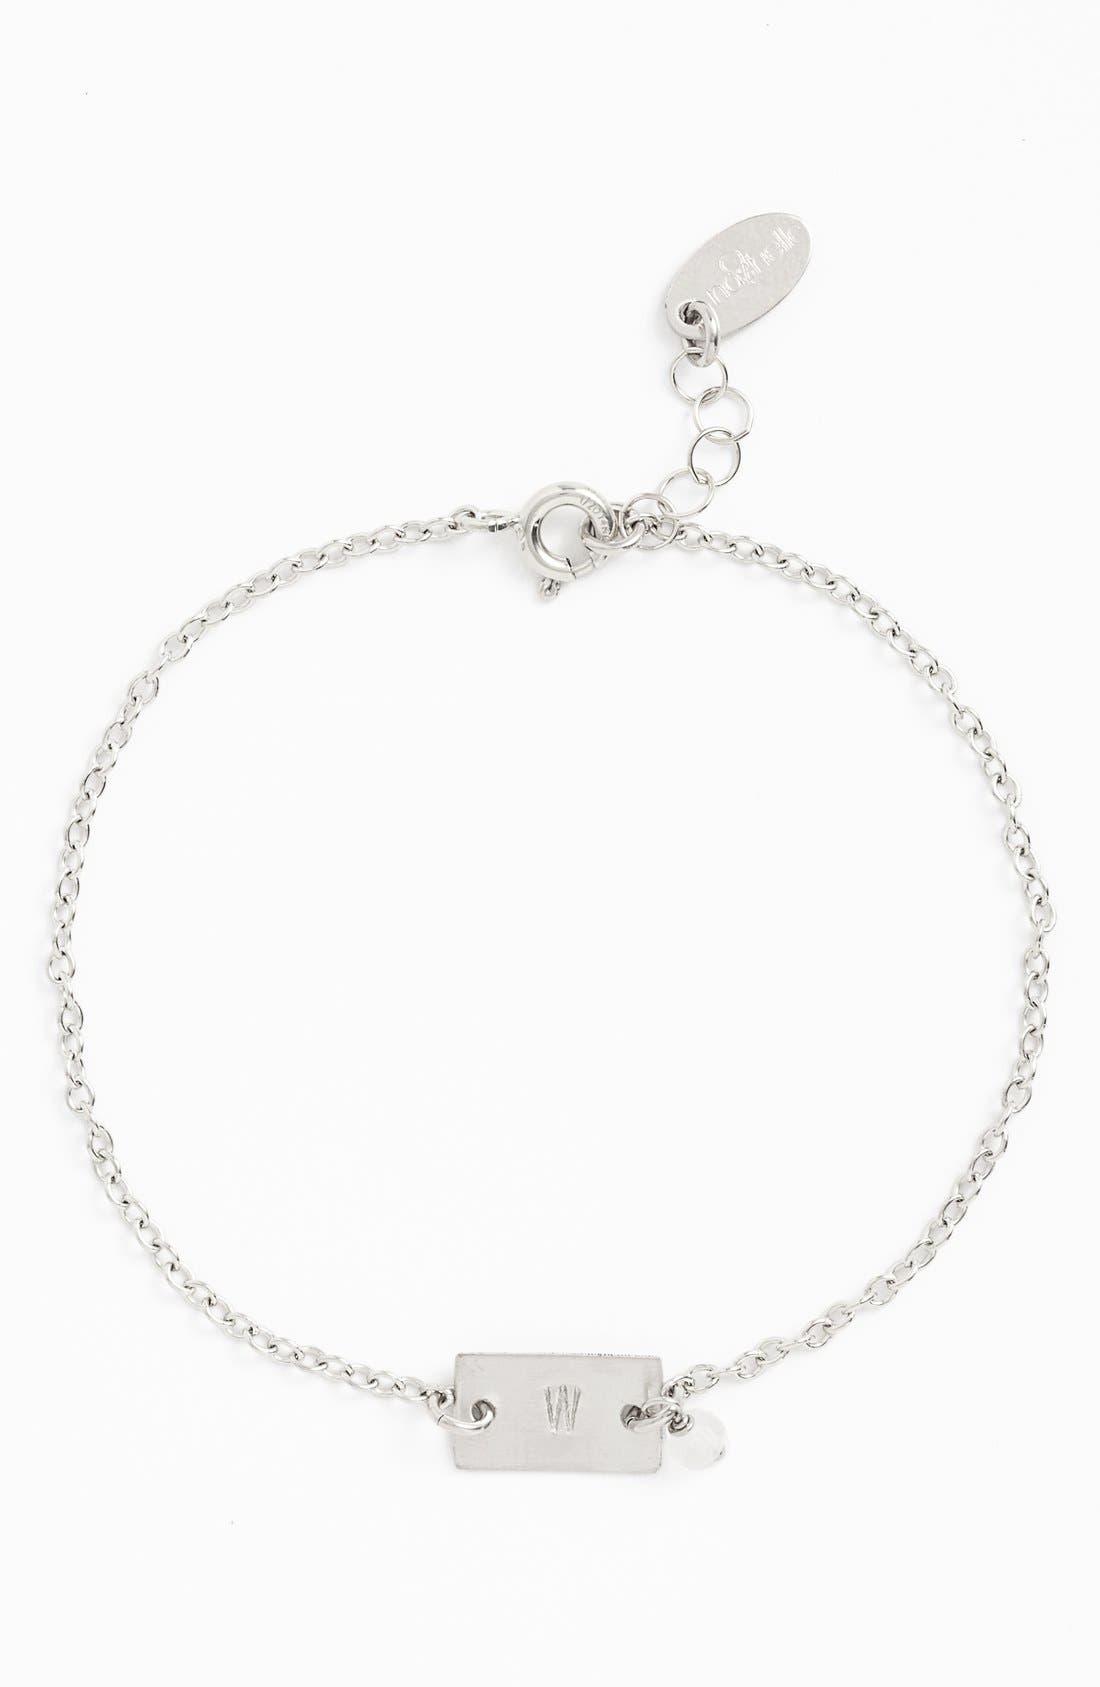 Nashelle Shaka Initial Sterling Silver Bar Bracelet